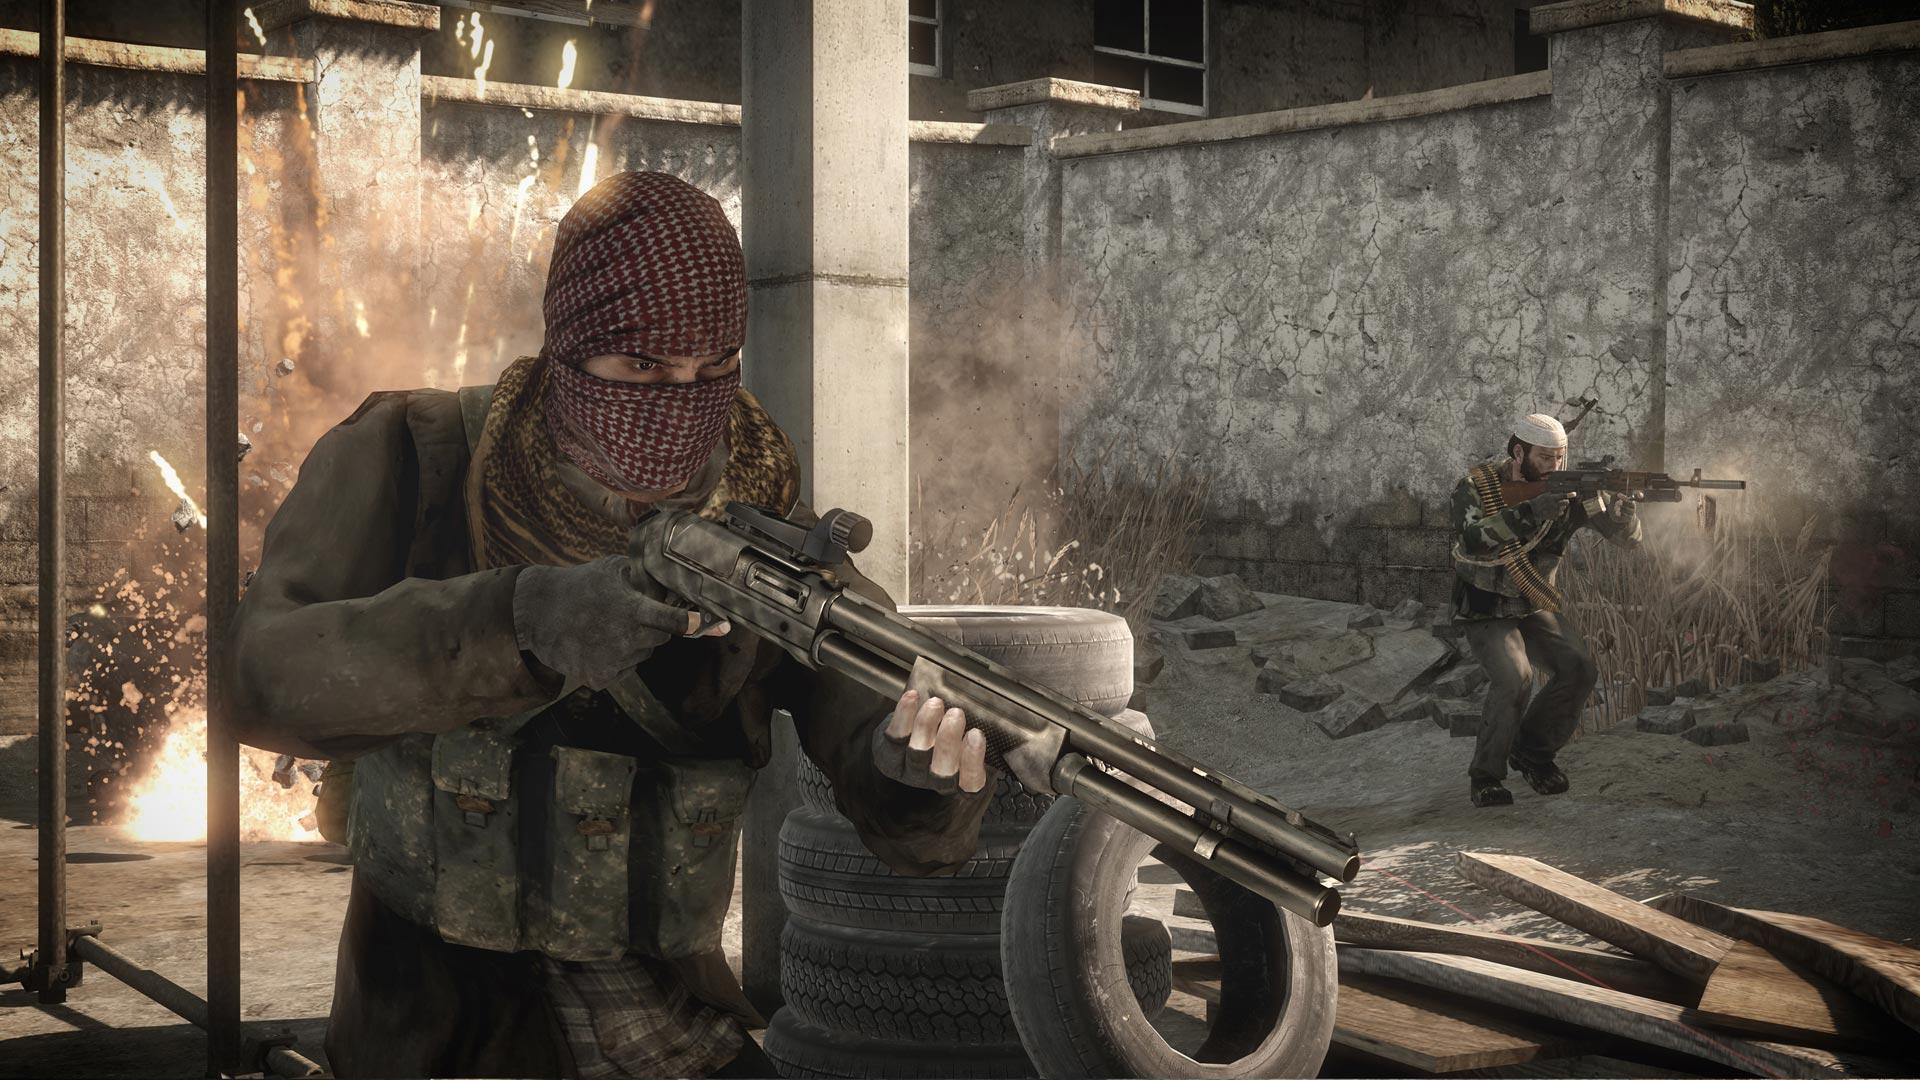 Demo de Medal of Honor en la GamesCom a bordo de un Helicóptero [Video]